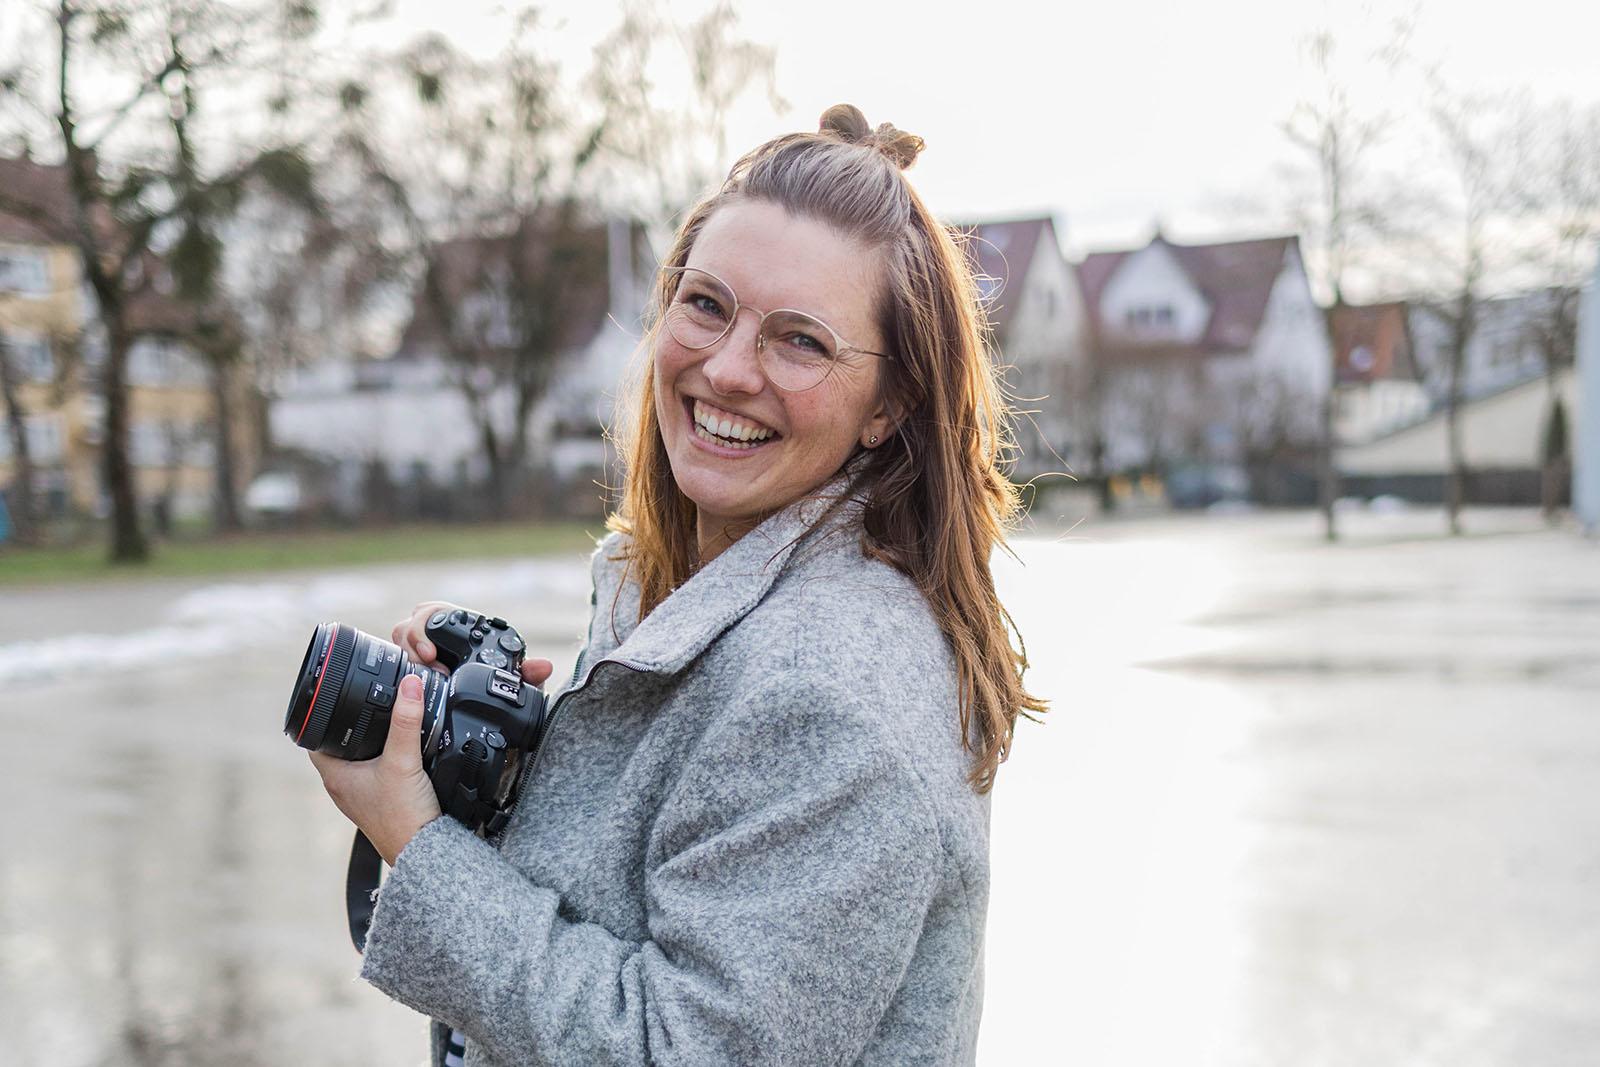 hochzeitsfotografin ravensburg